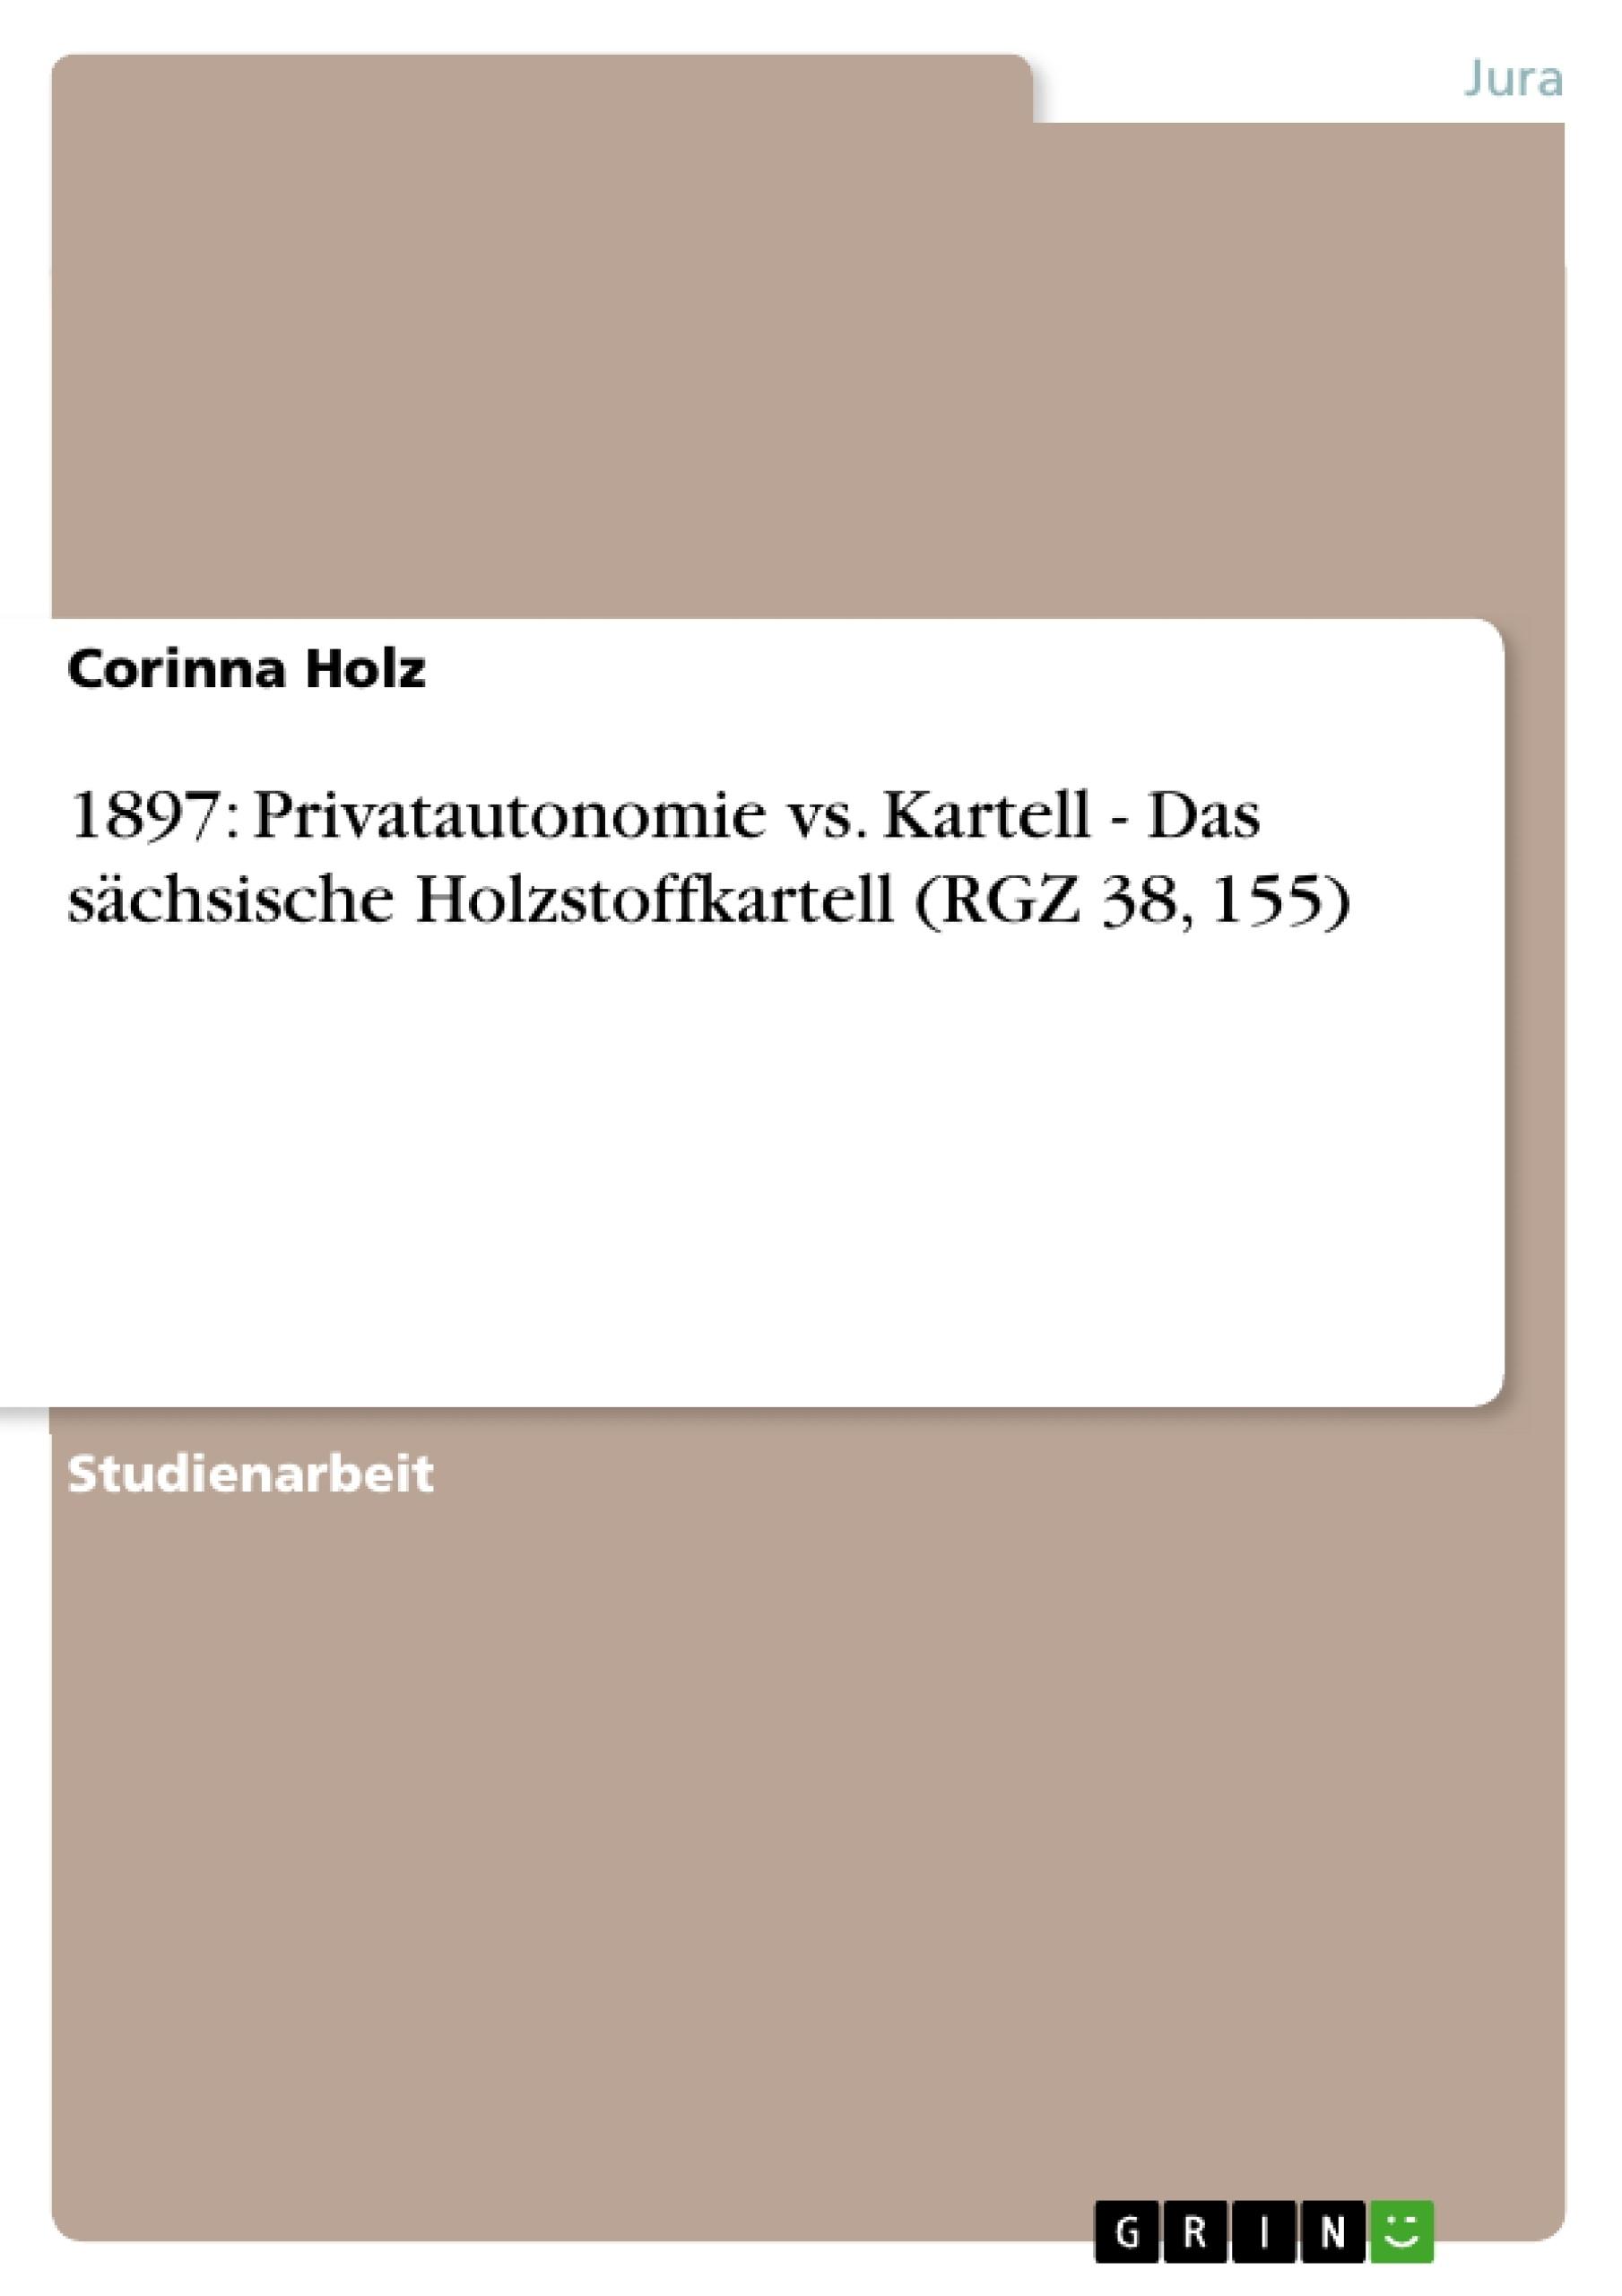 Titel: 1897: Privatautonomie vs. Kartell - Das sächsische Holzstoffkartell (RGZ 38, 155)